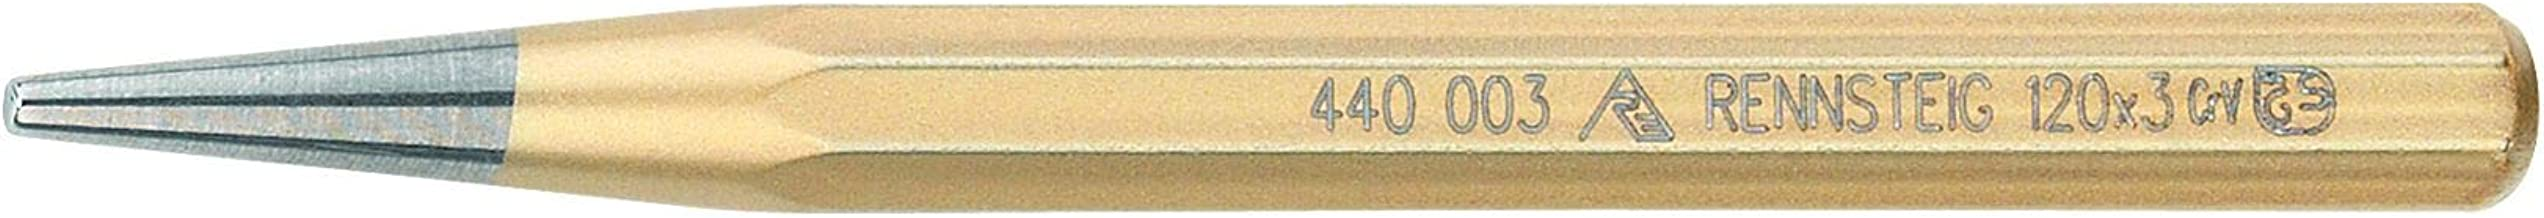 Rennsteig 441 004 SB 120x12x4mm